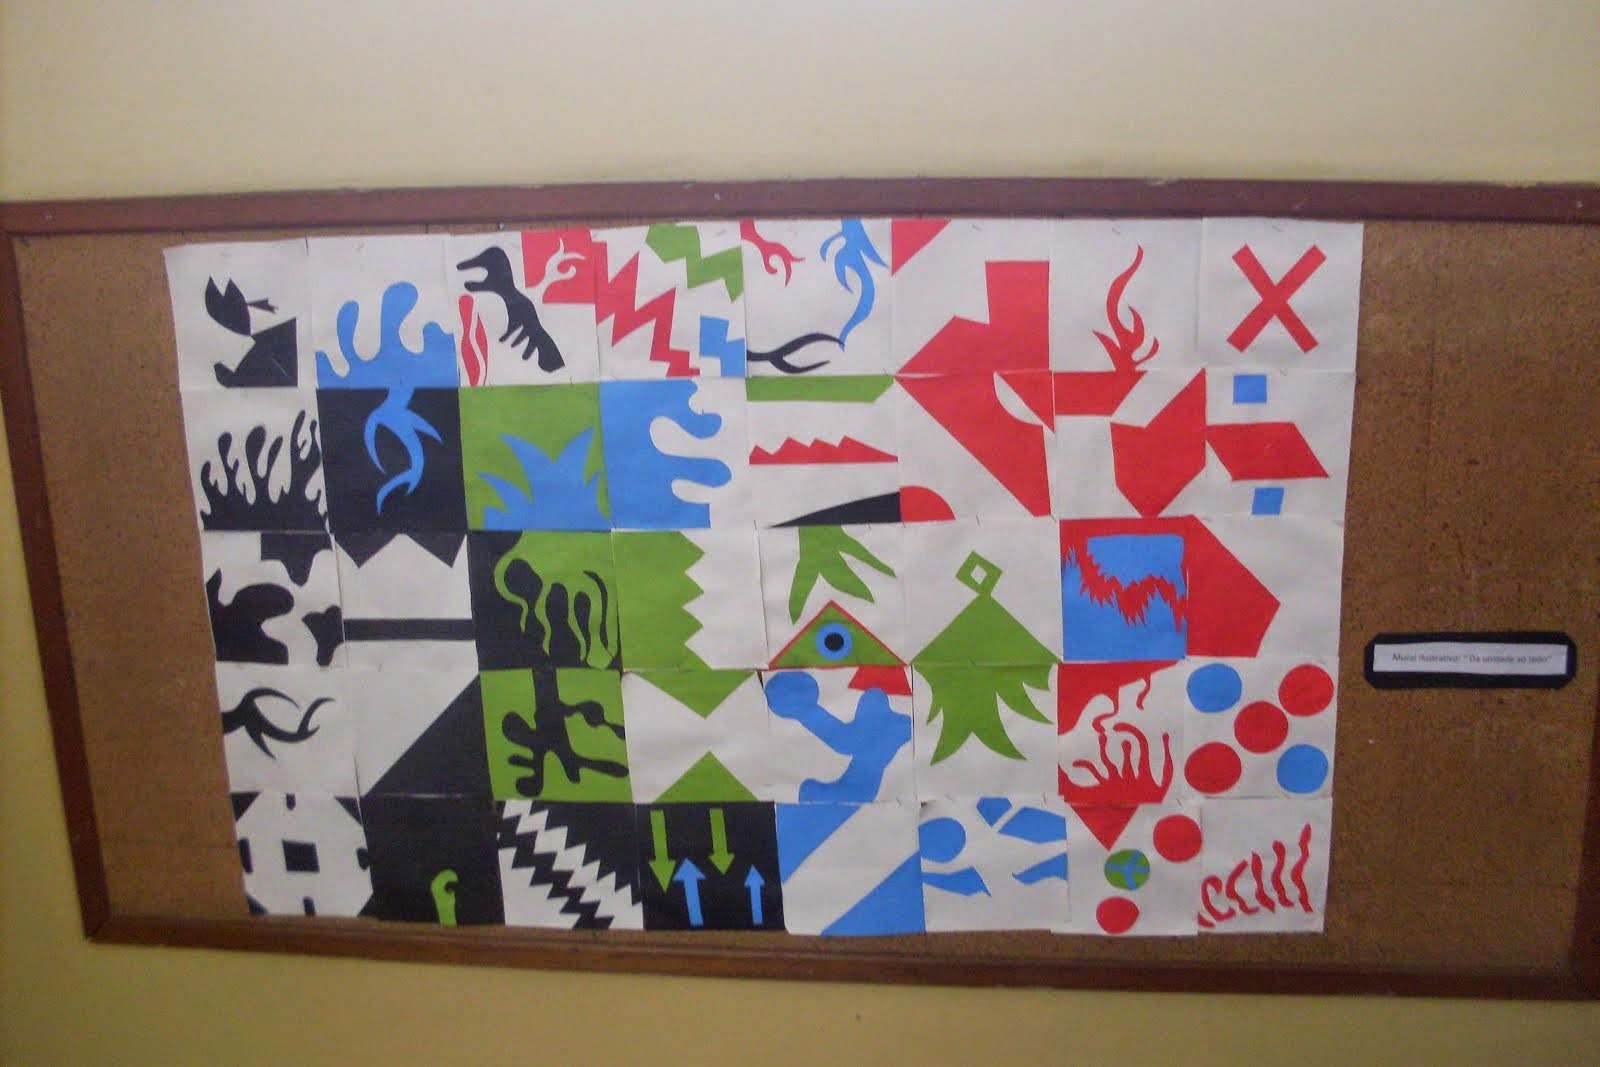 Inspirado nas intervenções Urbanas com azulejos